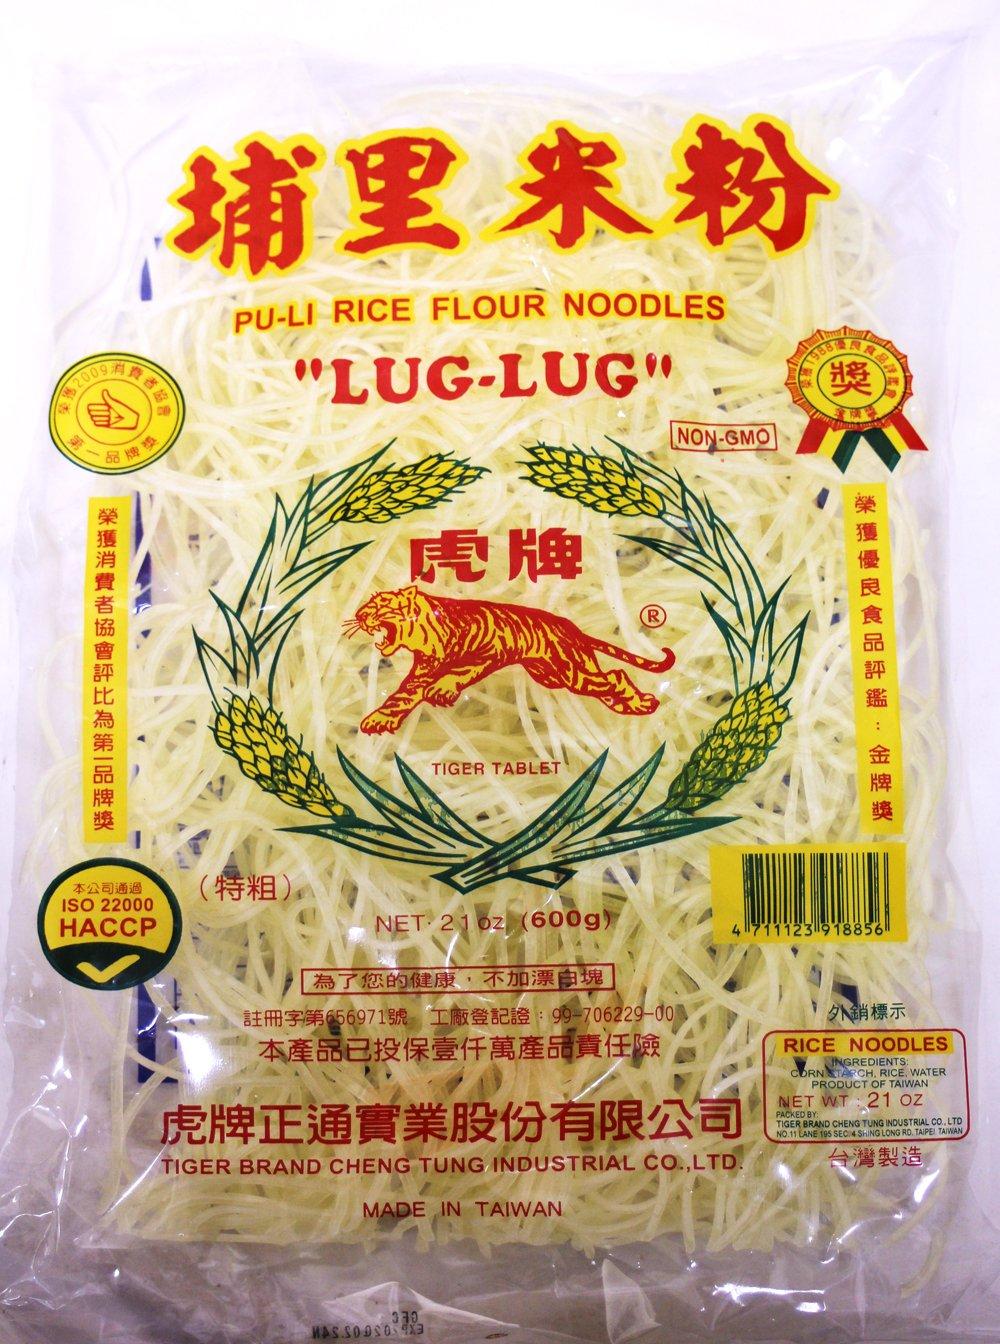 2 Packs Tiger Large Poolee Lug-lug Palabok Rice Flour Noodles 21 oz by Tiger